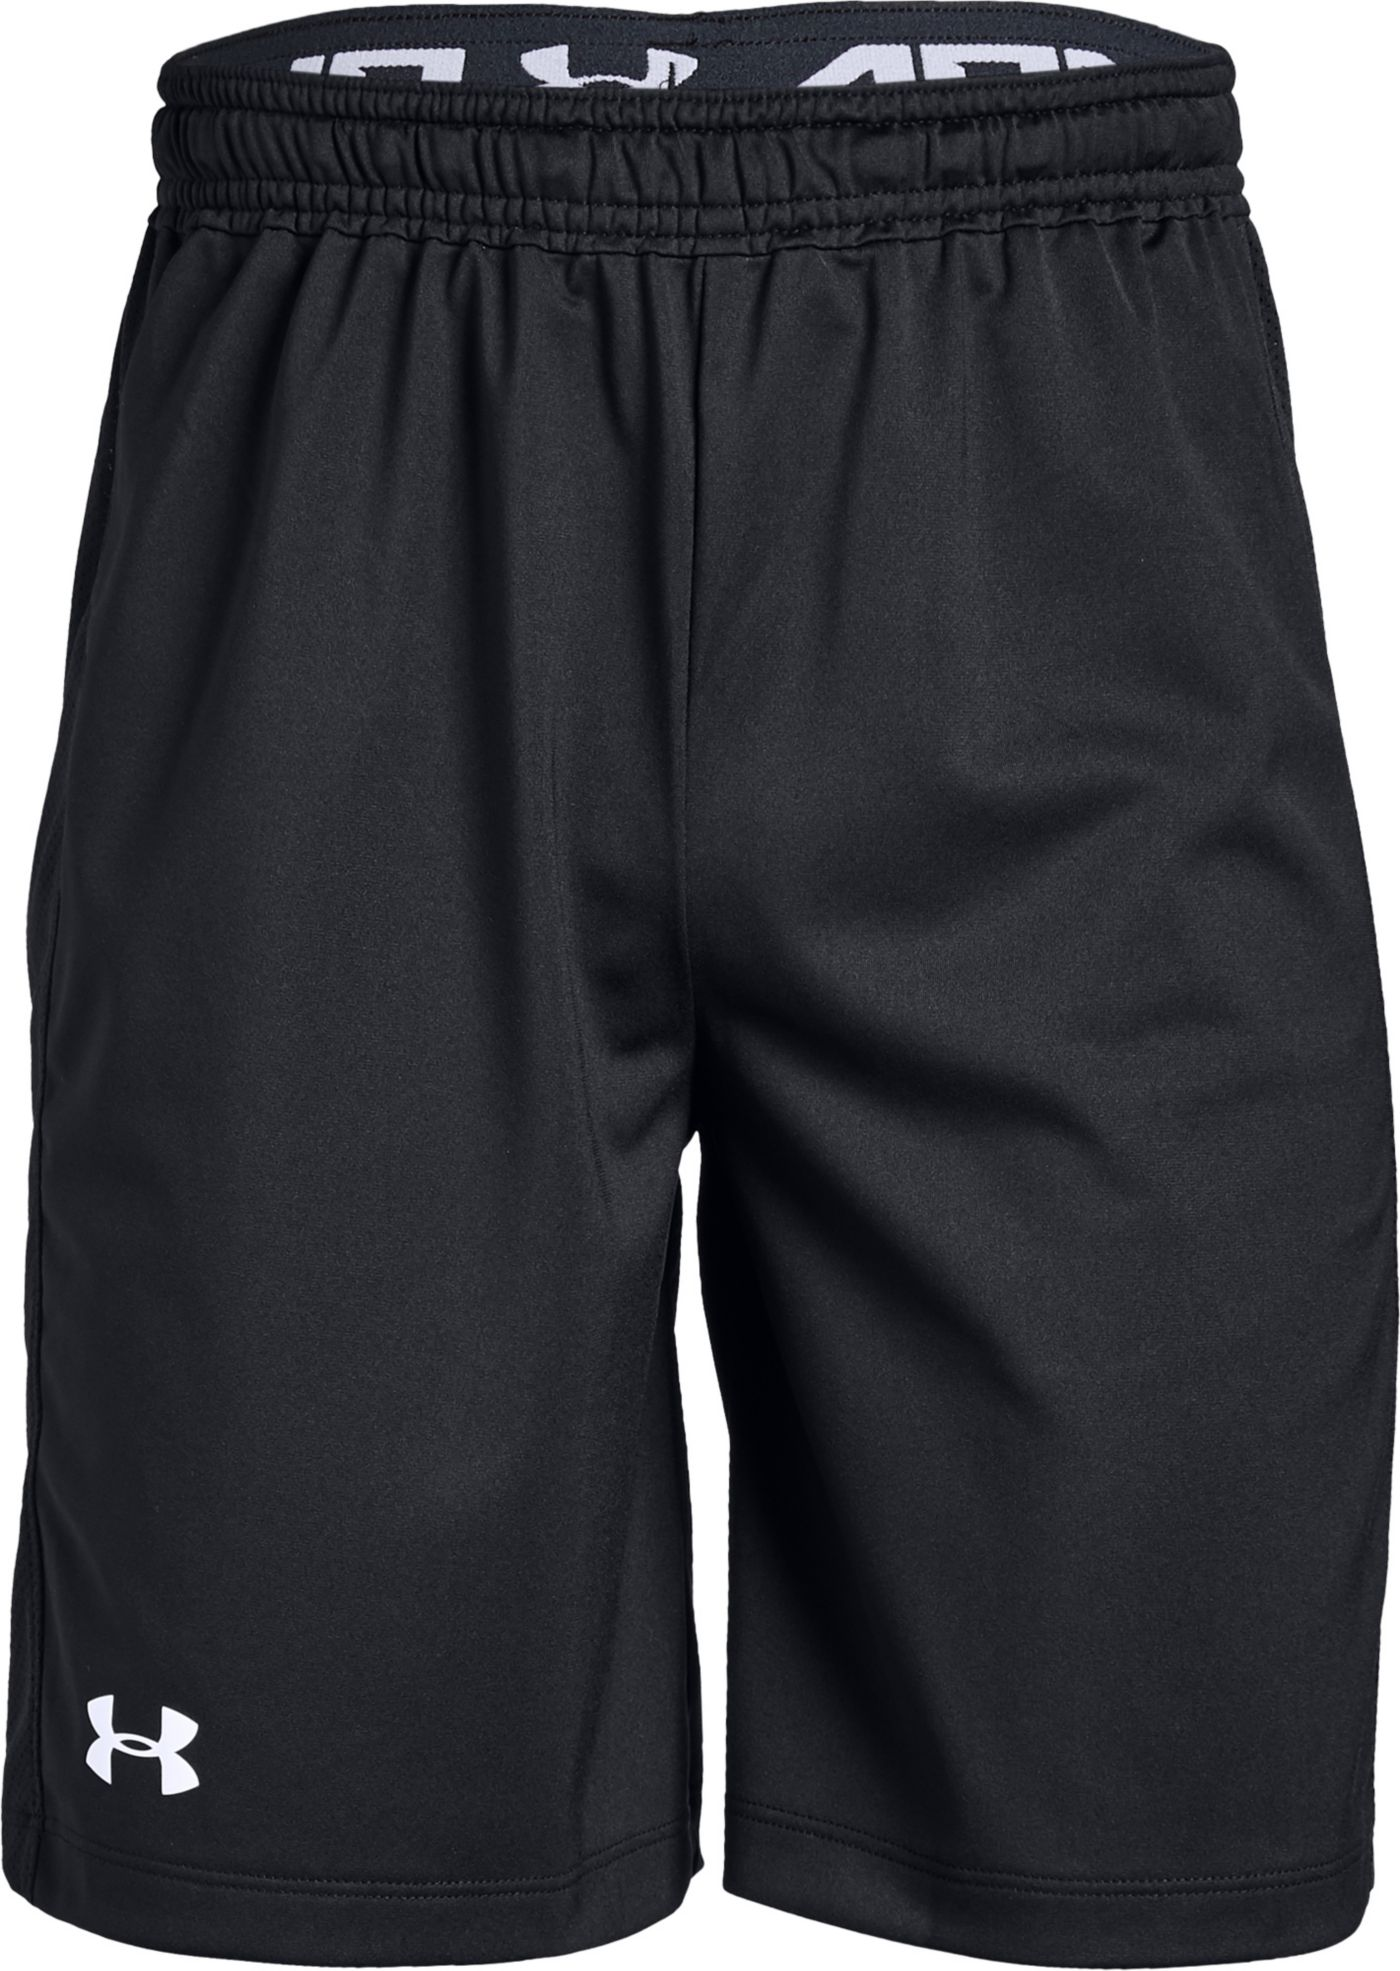 Under Armour Boys' Raid Shorts 2.0